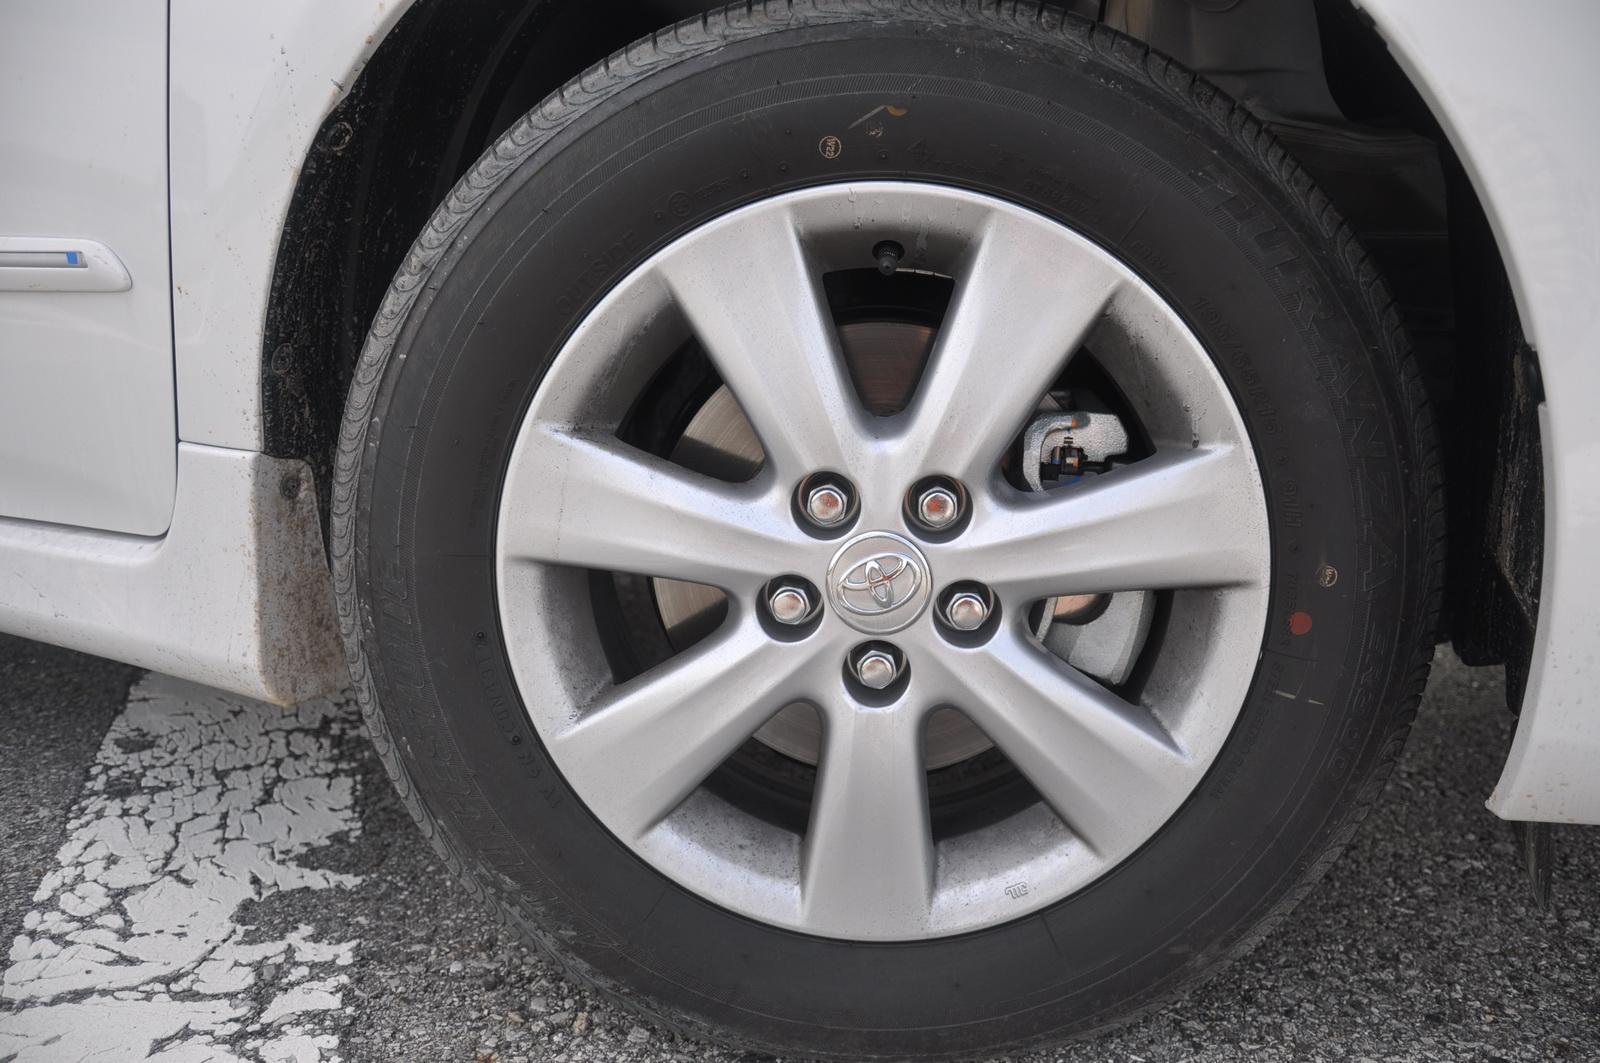 ช่วงล่างคานแข็งดูจะทำให้ Toyota ล้าหลัง เพื่อนๆ ไปมากทีเดียว เพราะหลายค่ายในกลุ่ม Compact หันไปช่วงล่างหลังอิสระกันเยอะแล้ว ทำให้รู้สึกรับรู้ได้เลยว่า รถมีอาการกระเด้งกระดอน ลอยๆ ดูจะไม่เกาะถนนนัก เมื่อใช้ความเร็วที่ค่อนข้างสูง และยังไม่นุ่มนวลเท่าที่ควร แต่ก็ยังรู้สึกแข็งน้อยกว่า Civic อยู่หน่อย แต่ความหนึบและความโคลงตัวรถนั้น ด้อยกว่าอย่างเห็นได้ชัด ซึ่งทำให้ผู้ขับอย่างผม และคนขับรถเน้น Performance ในรถบ้านอยู่หน่อย คงไม่ชอบกับช่วงล่างของ Altis นัก เพราะ คานแข็งในกลุ่ม Sub-Compact Car บางค่ายดีกว่า Altis อย่างชัดเจน ทั้งในเรื่องการดูดซับแรงกระแทก และความมั่นคงของตัวรถ ซึ่งทำให้คนที่อยากได้ช่วงล่างที่ดีขึ้น คงอาจต้องหันไปพึ่ง After Market ไม่ว่าจะใส่ค้ำโช้คหน้า รวมถึง เปลี่ยนสปริง หรือ Shock Up